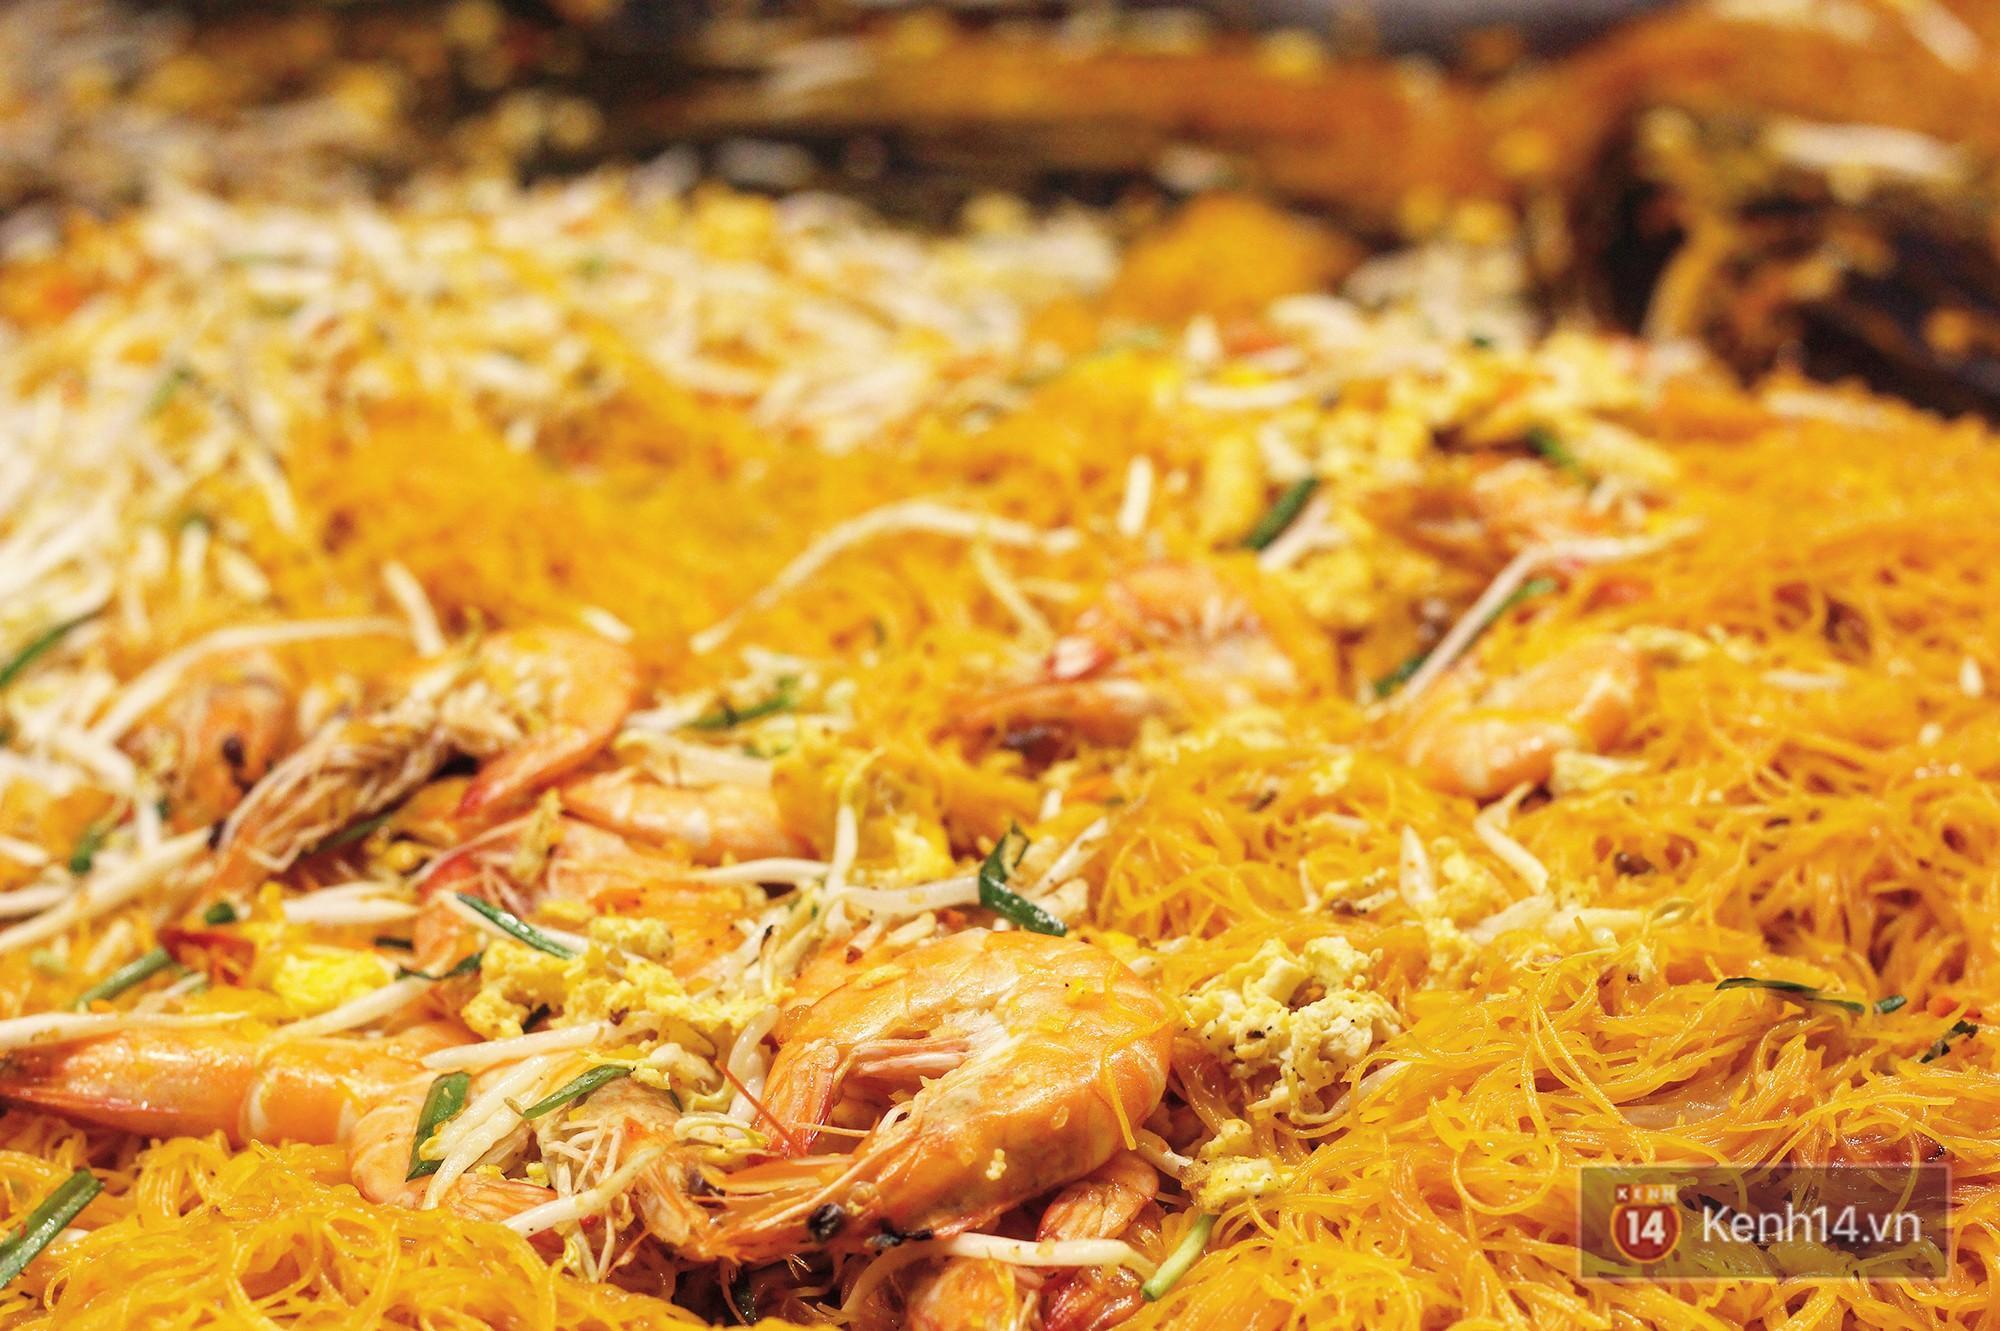 Chẳng phải Bangkok, Chiang Mai mới là điểm đến được giới trẻ Việt ghé thăm nhiều nhất mấy ngày nghỉ lễ - Ảnh 28.